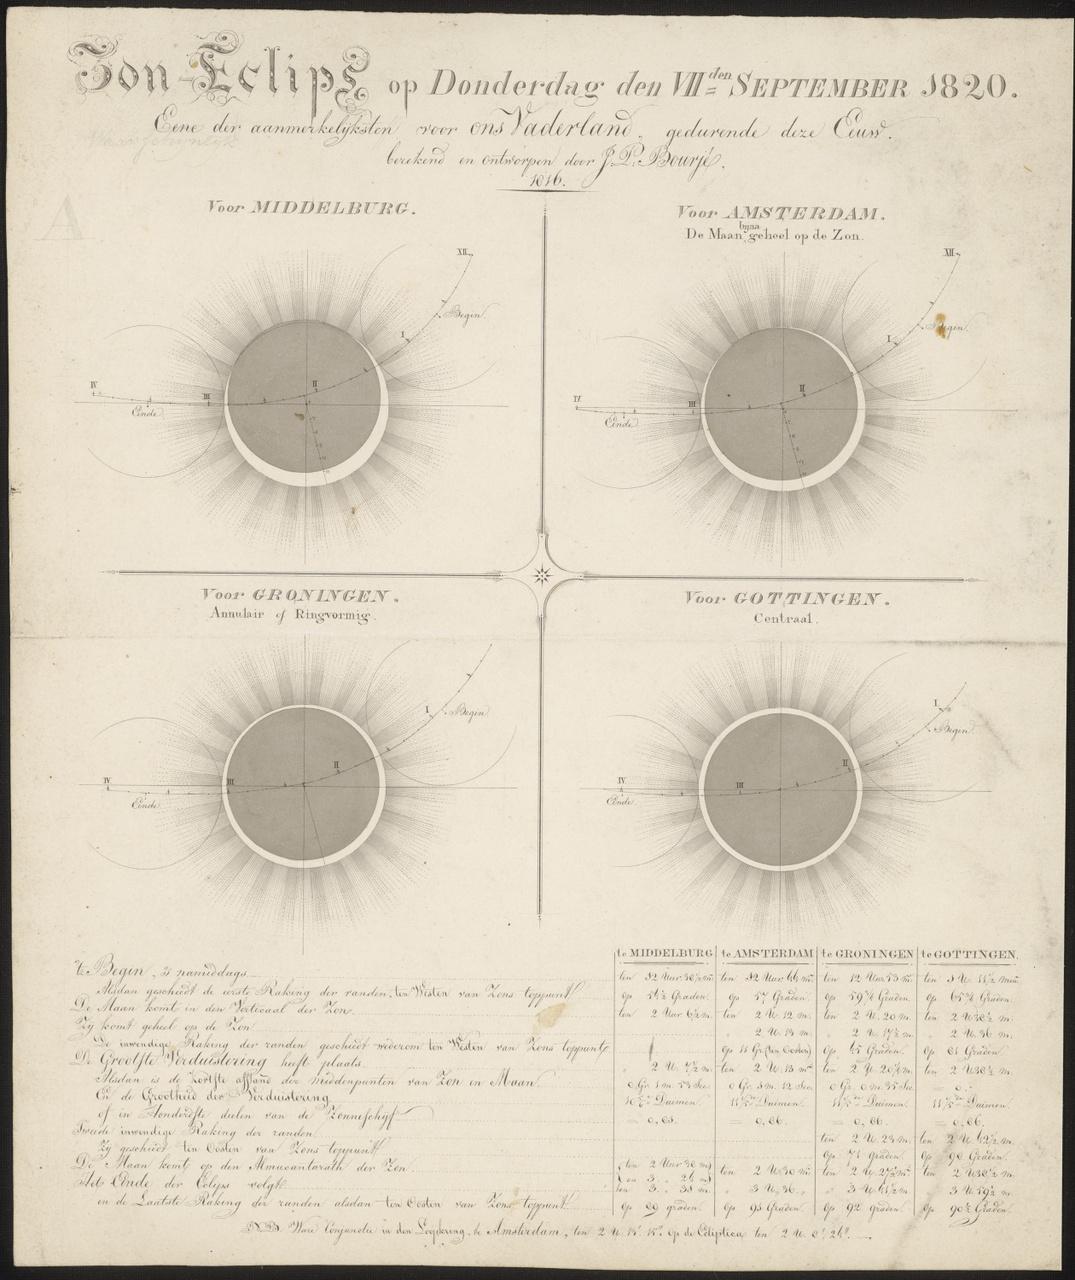 Zon-Eclips op Donderdag den VIIden September 1820, Johan Pieter Bourjé